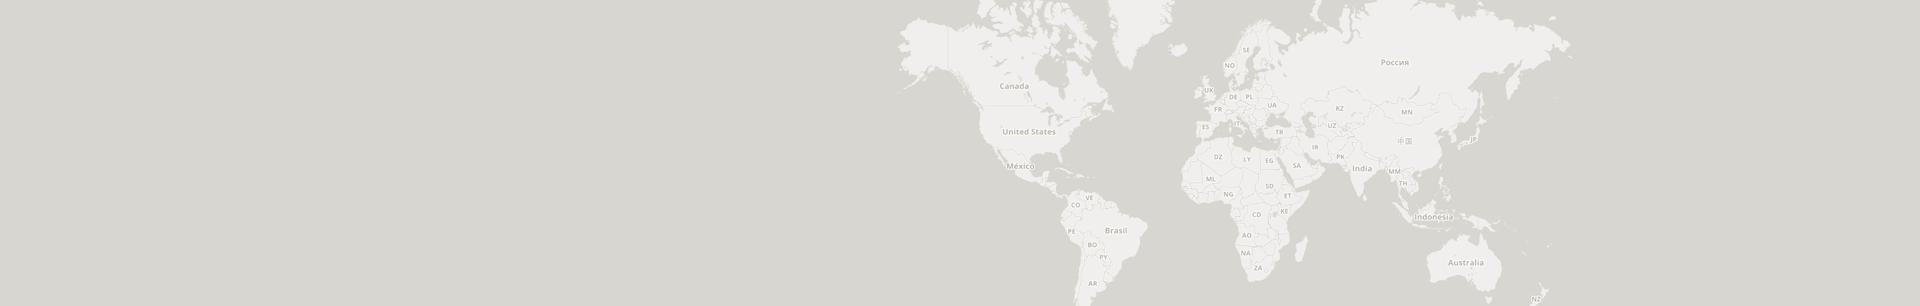 src/main/sourceapp/1/images/map-bg.png